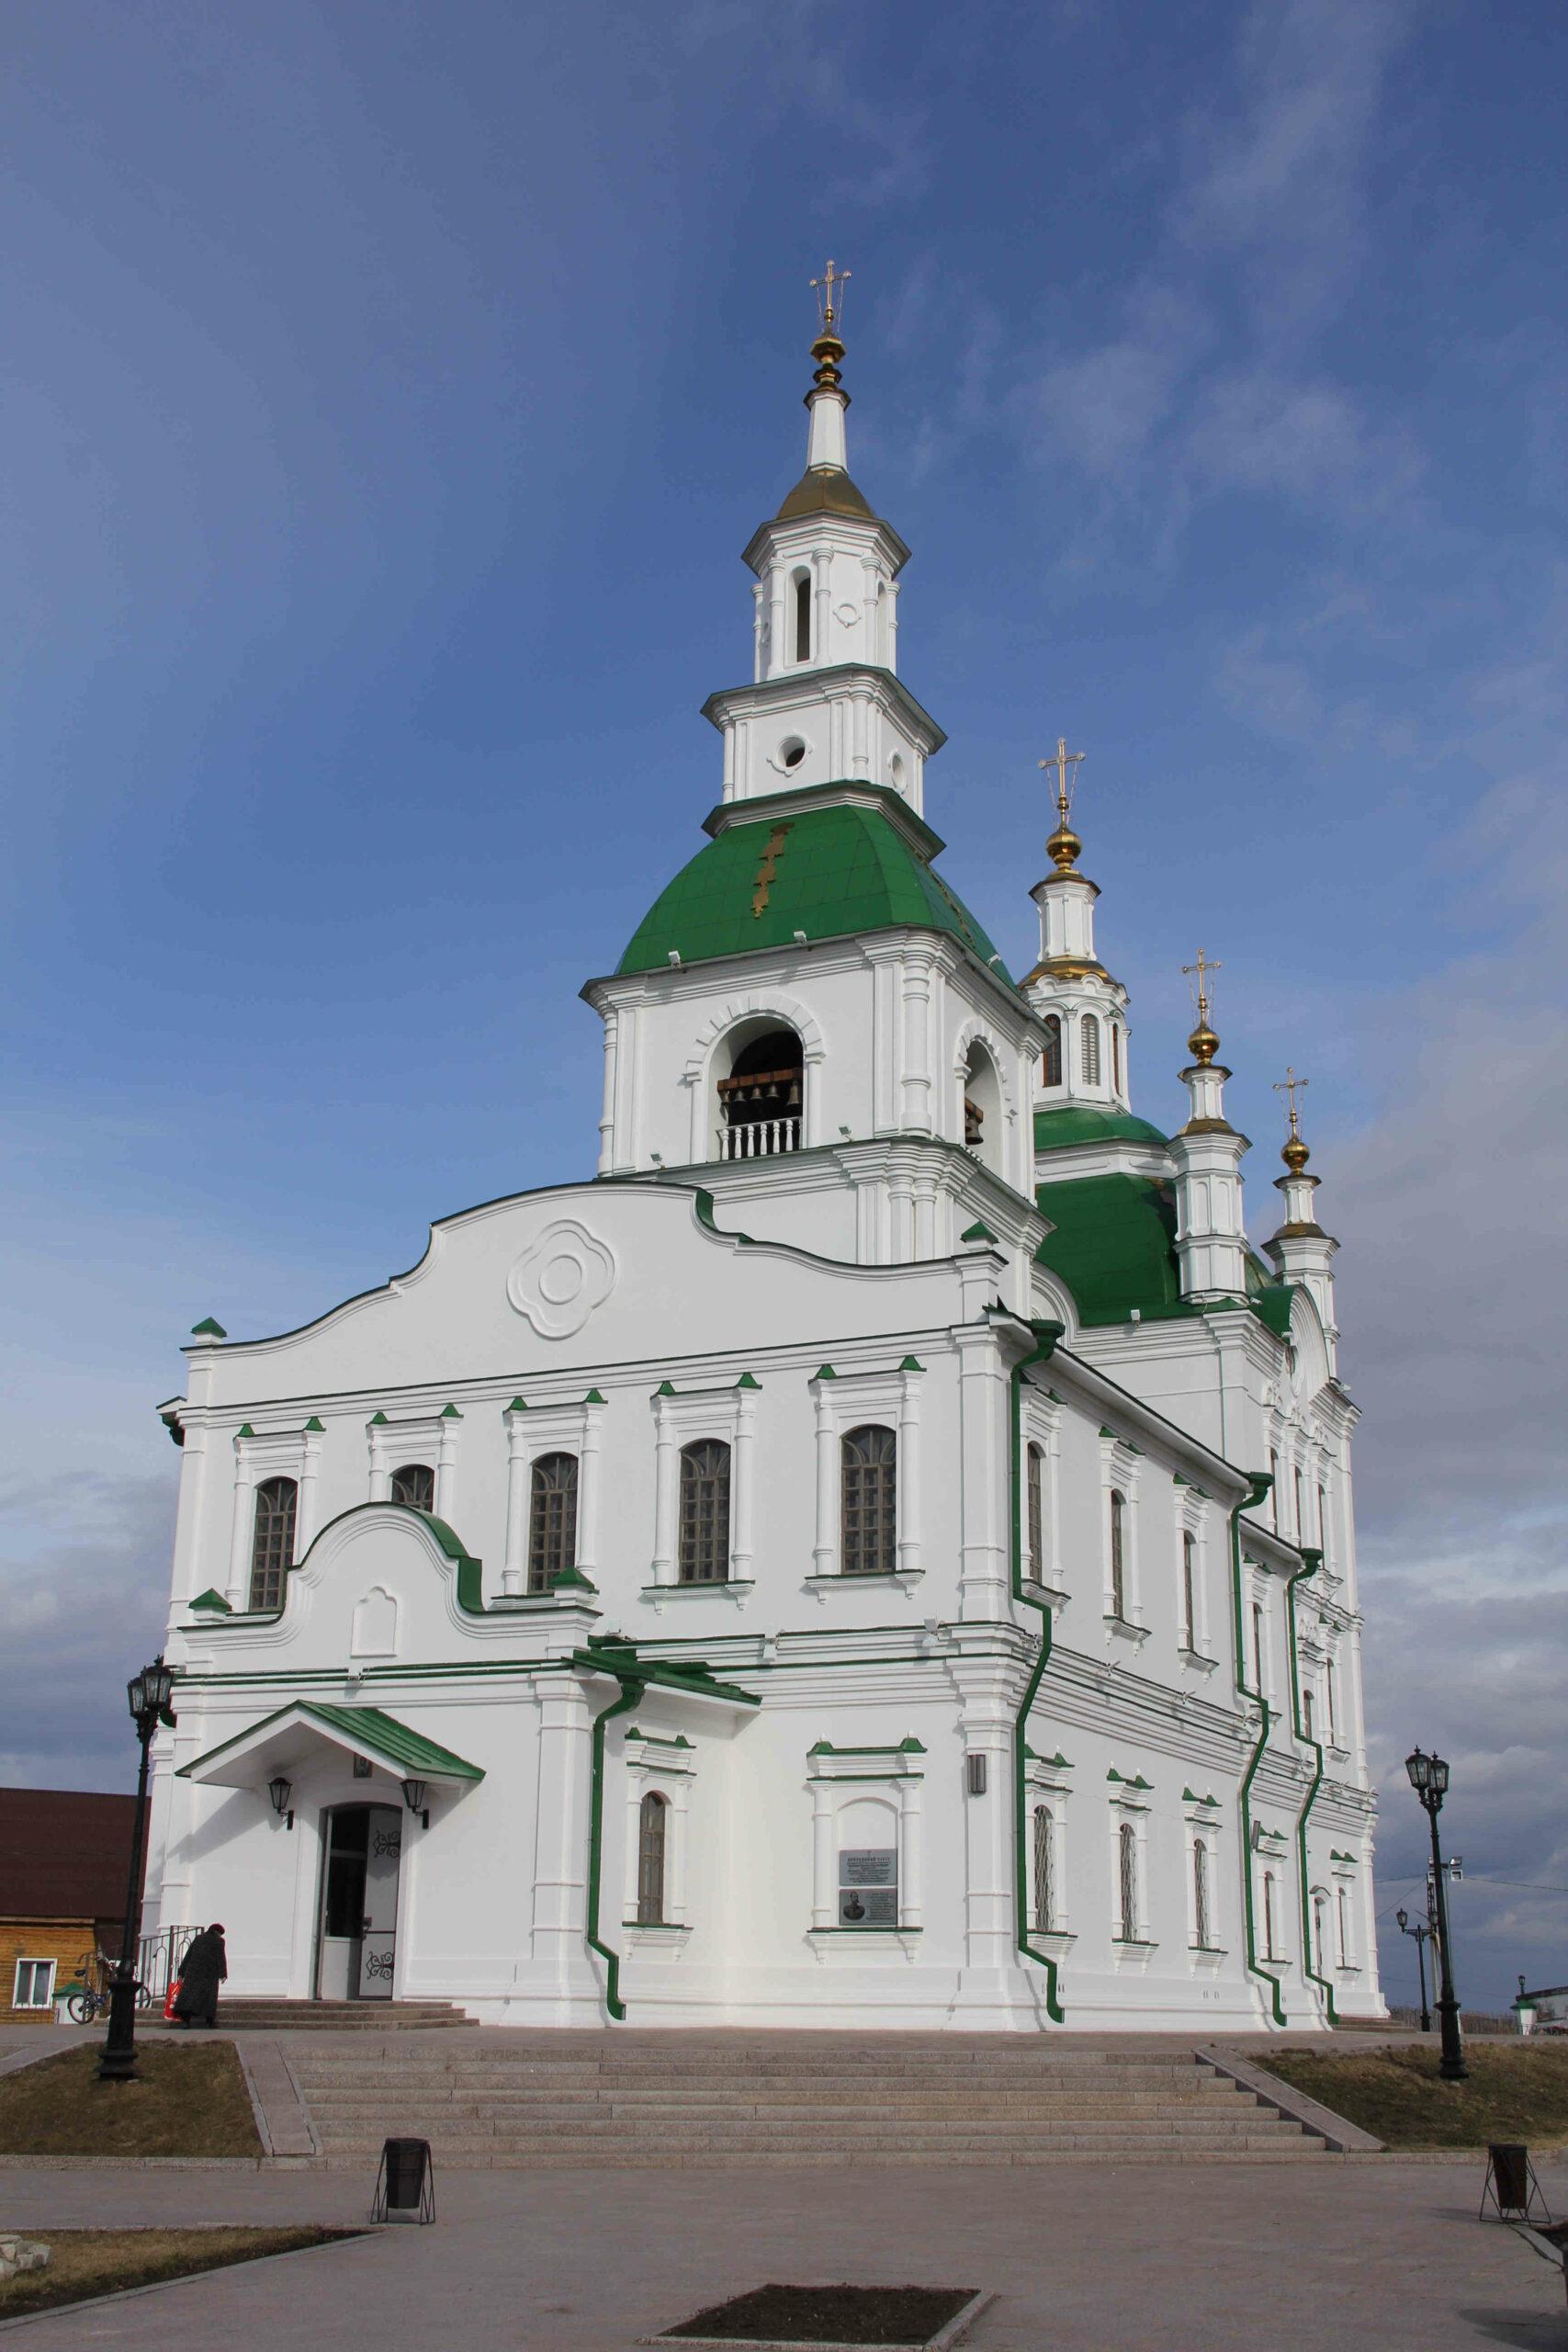 Тюменская область, Сретенский собор, Ялуторовск, православная история Урала, малые города,